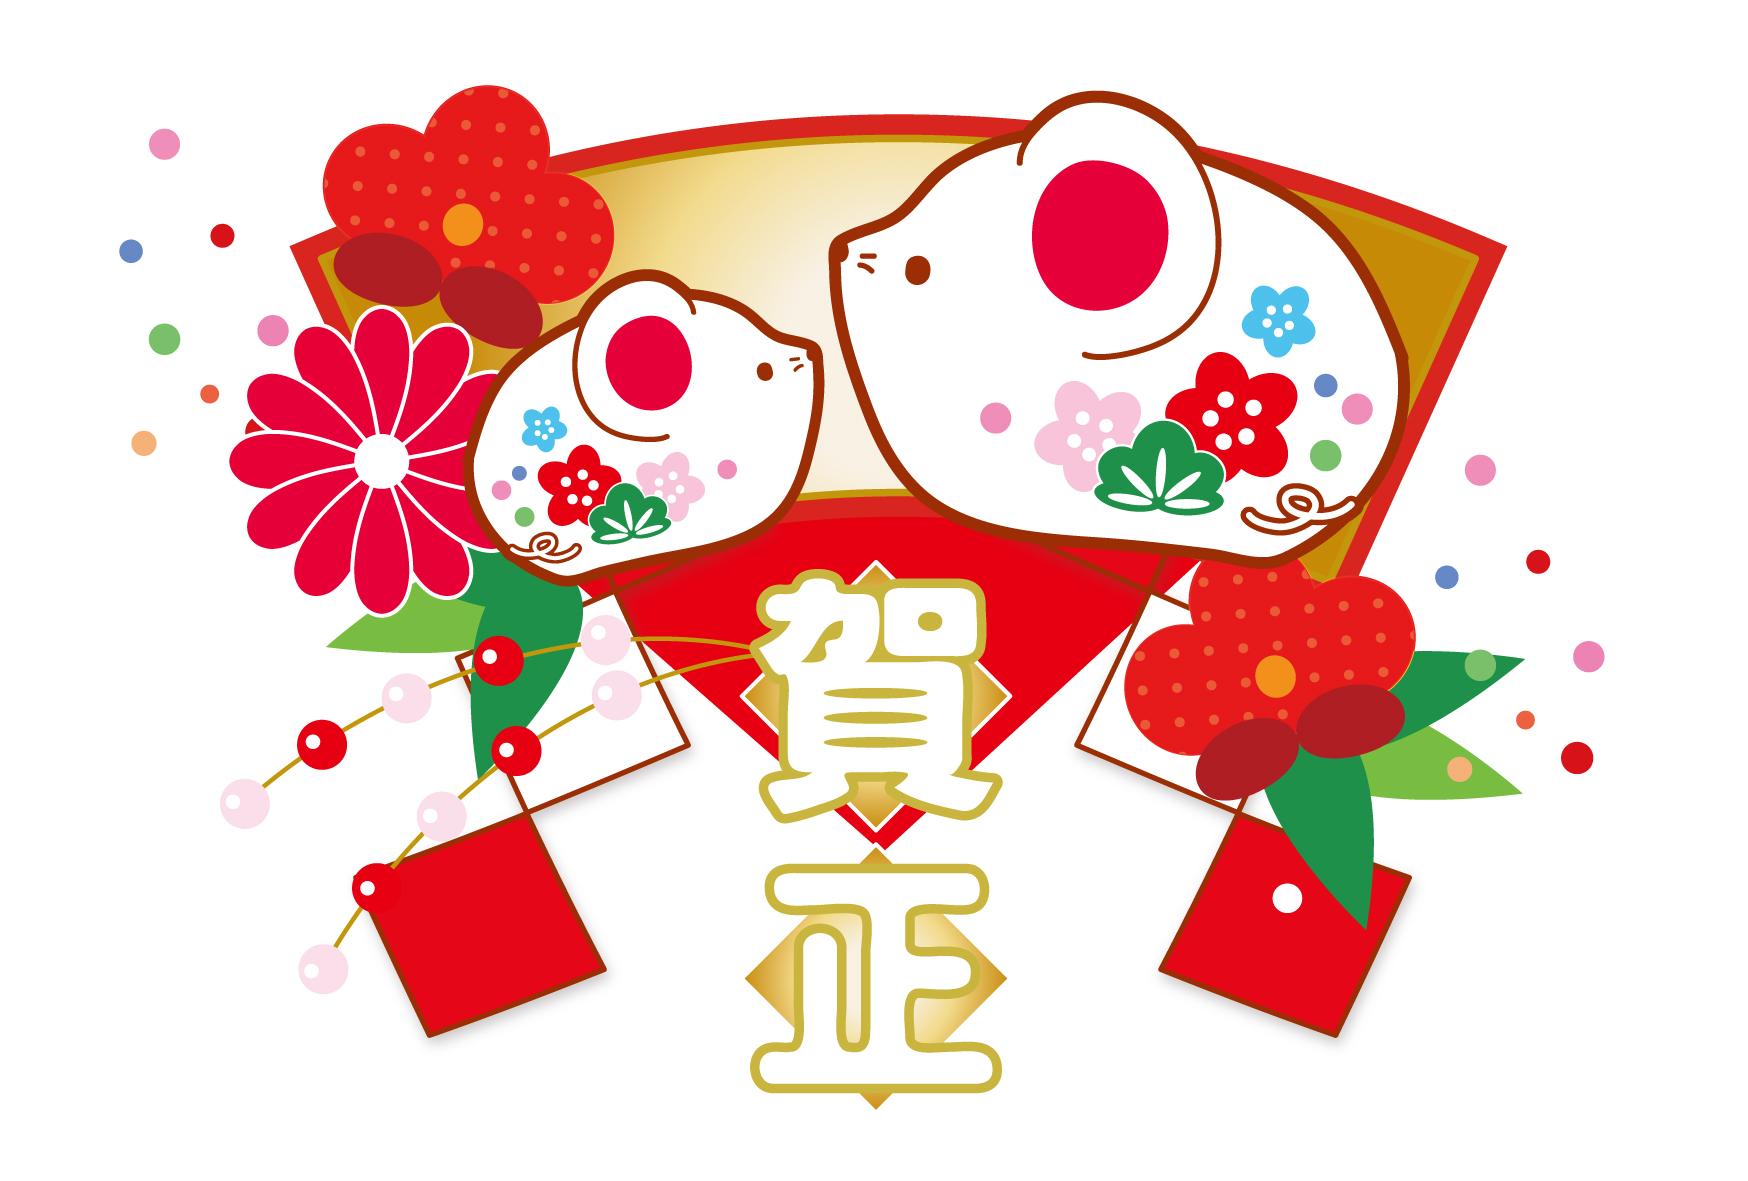 親子ねずみ&お正月飾りと賀正の文字入り無料イラストの2020年の年賀状素材